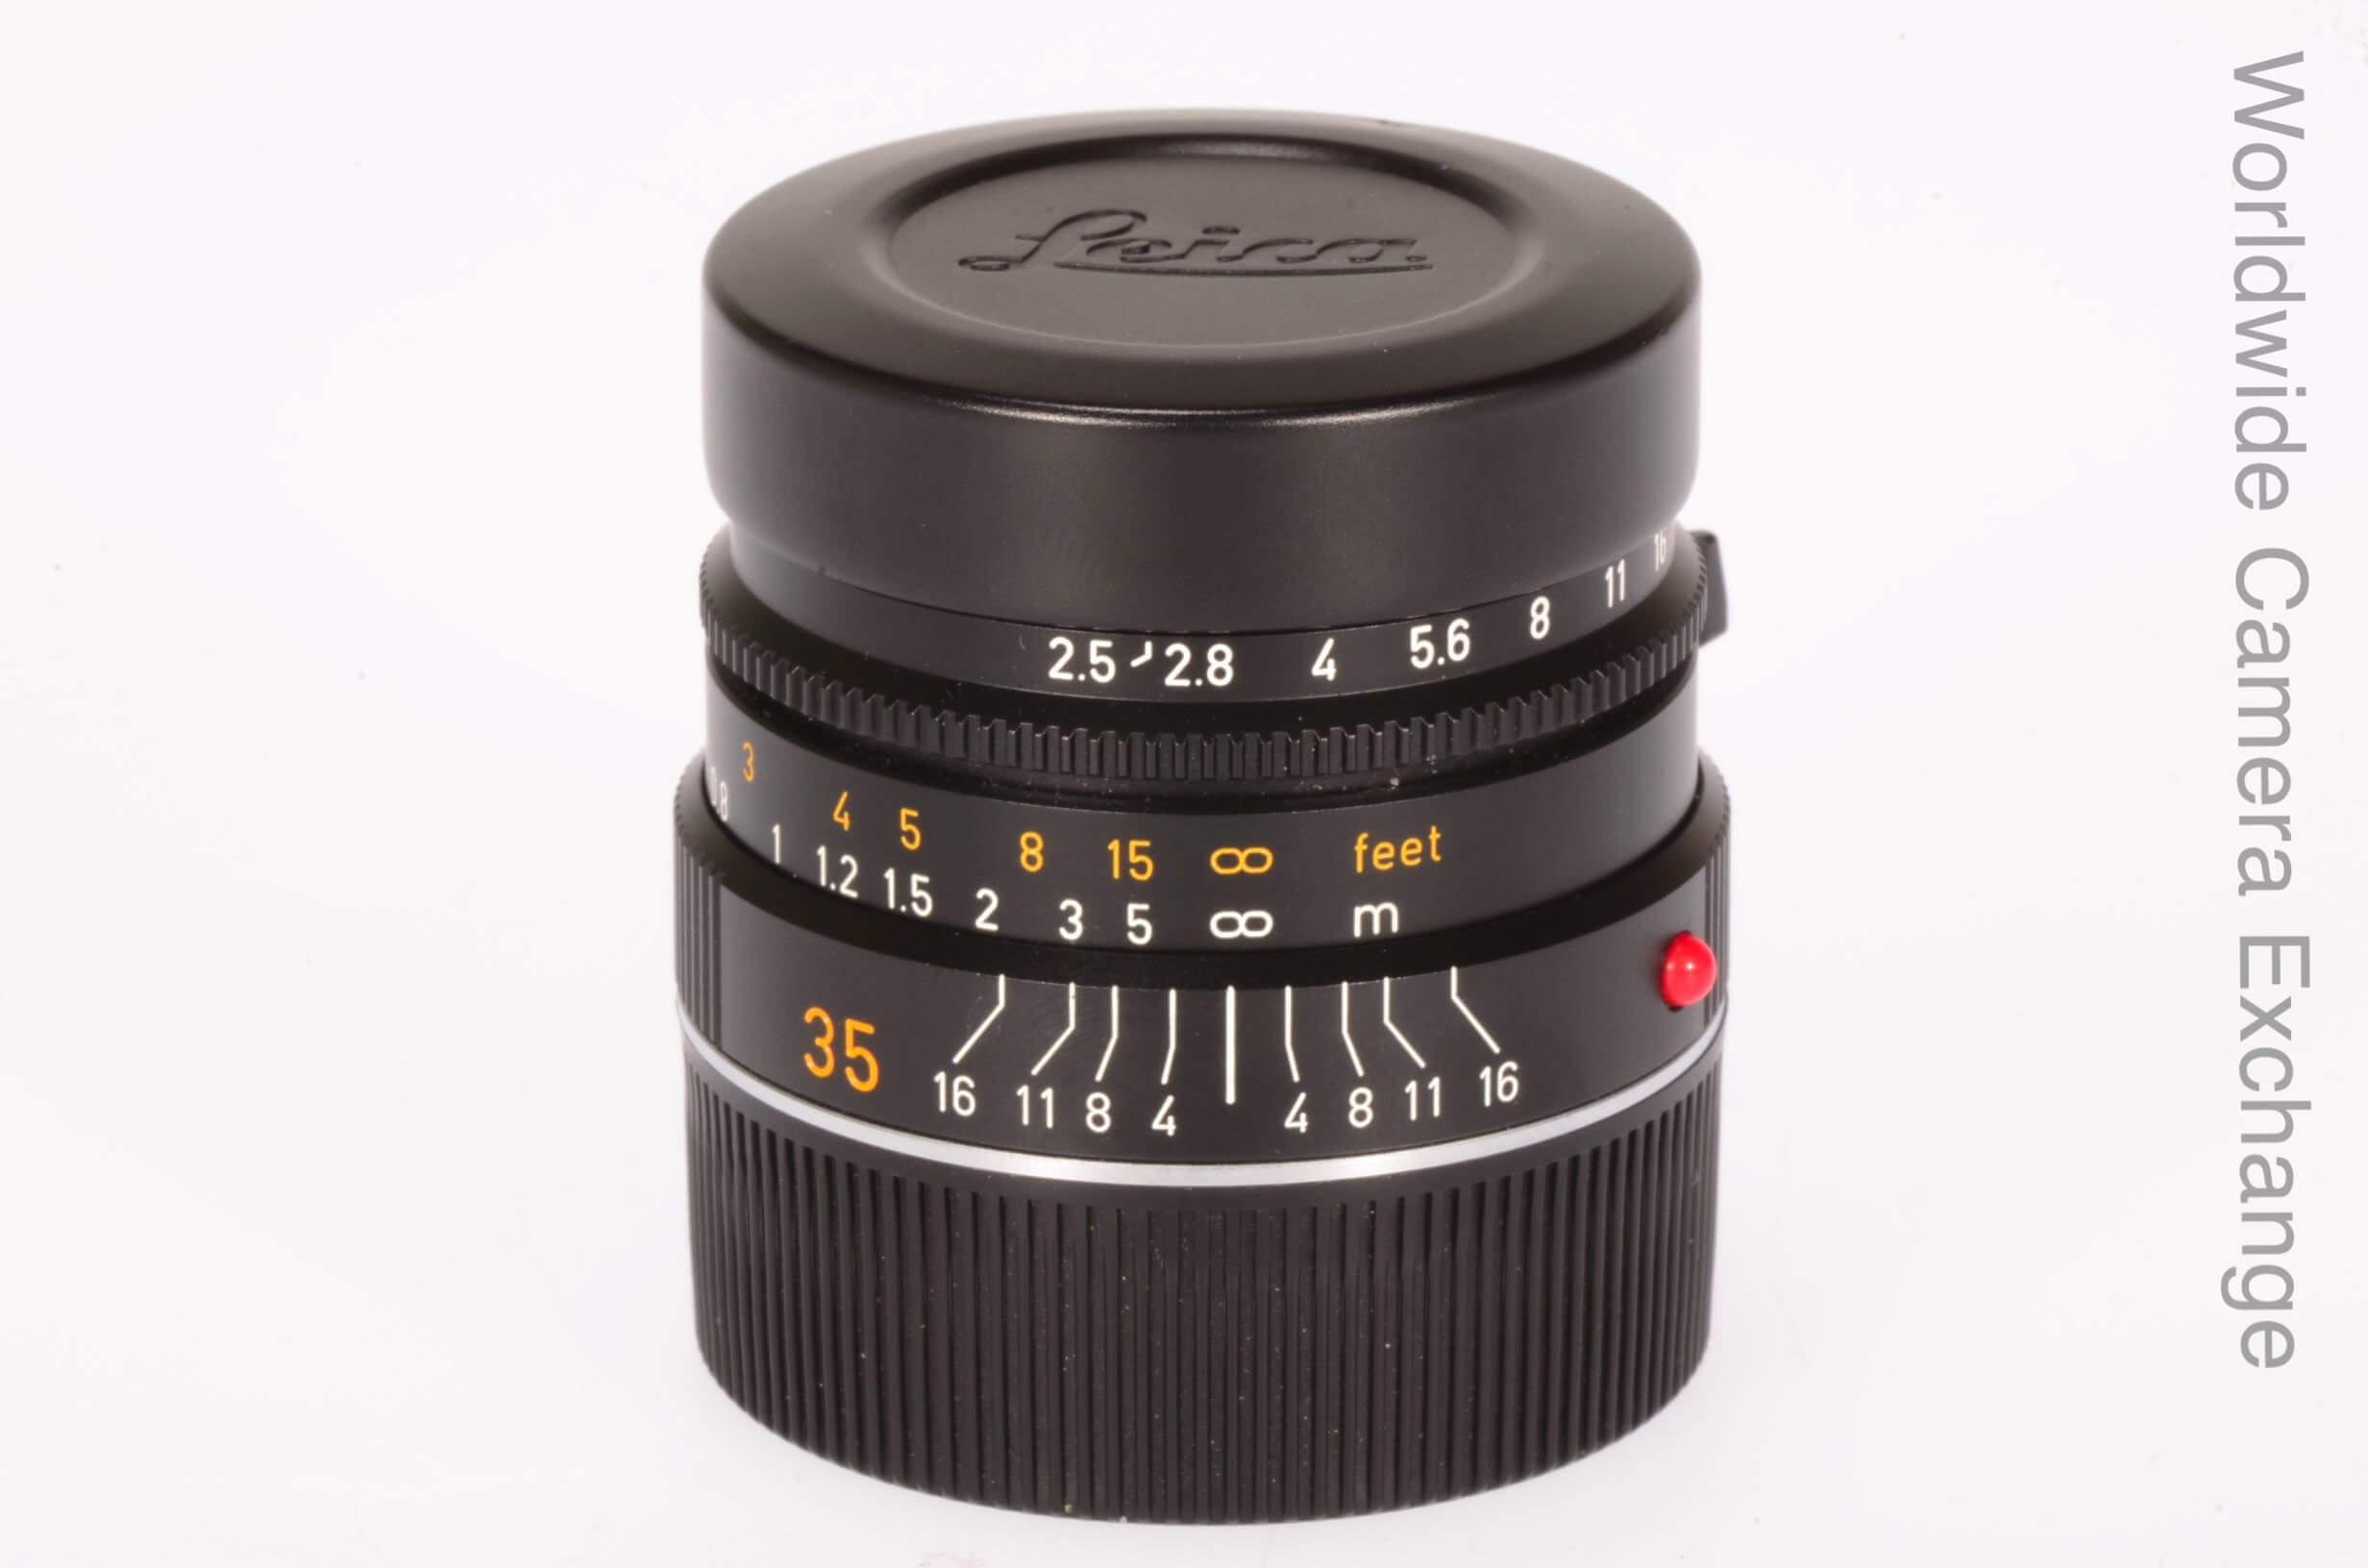 Leica 35mm f2.5 Summarit M, 6-bit, mint!